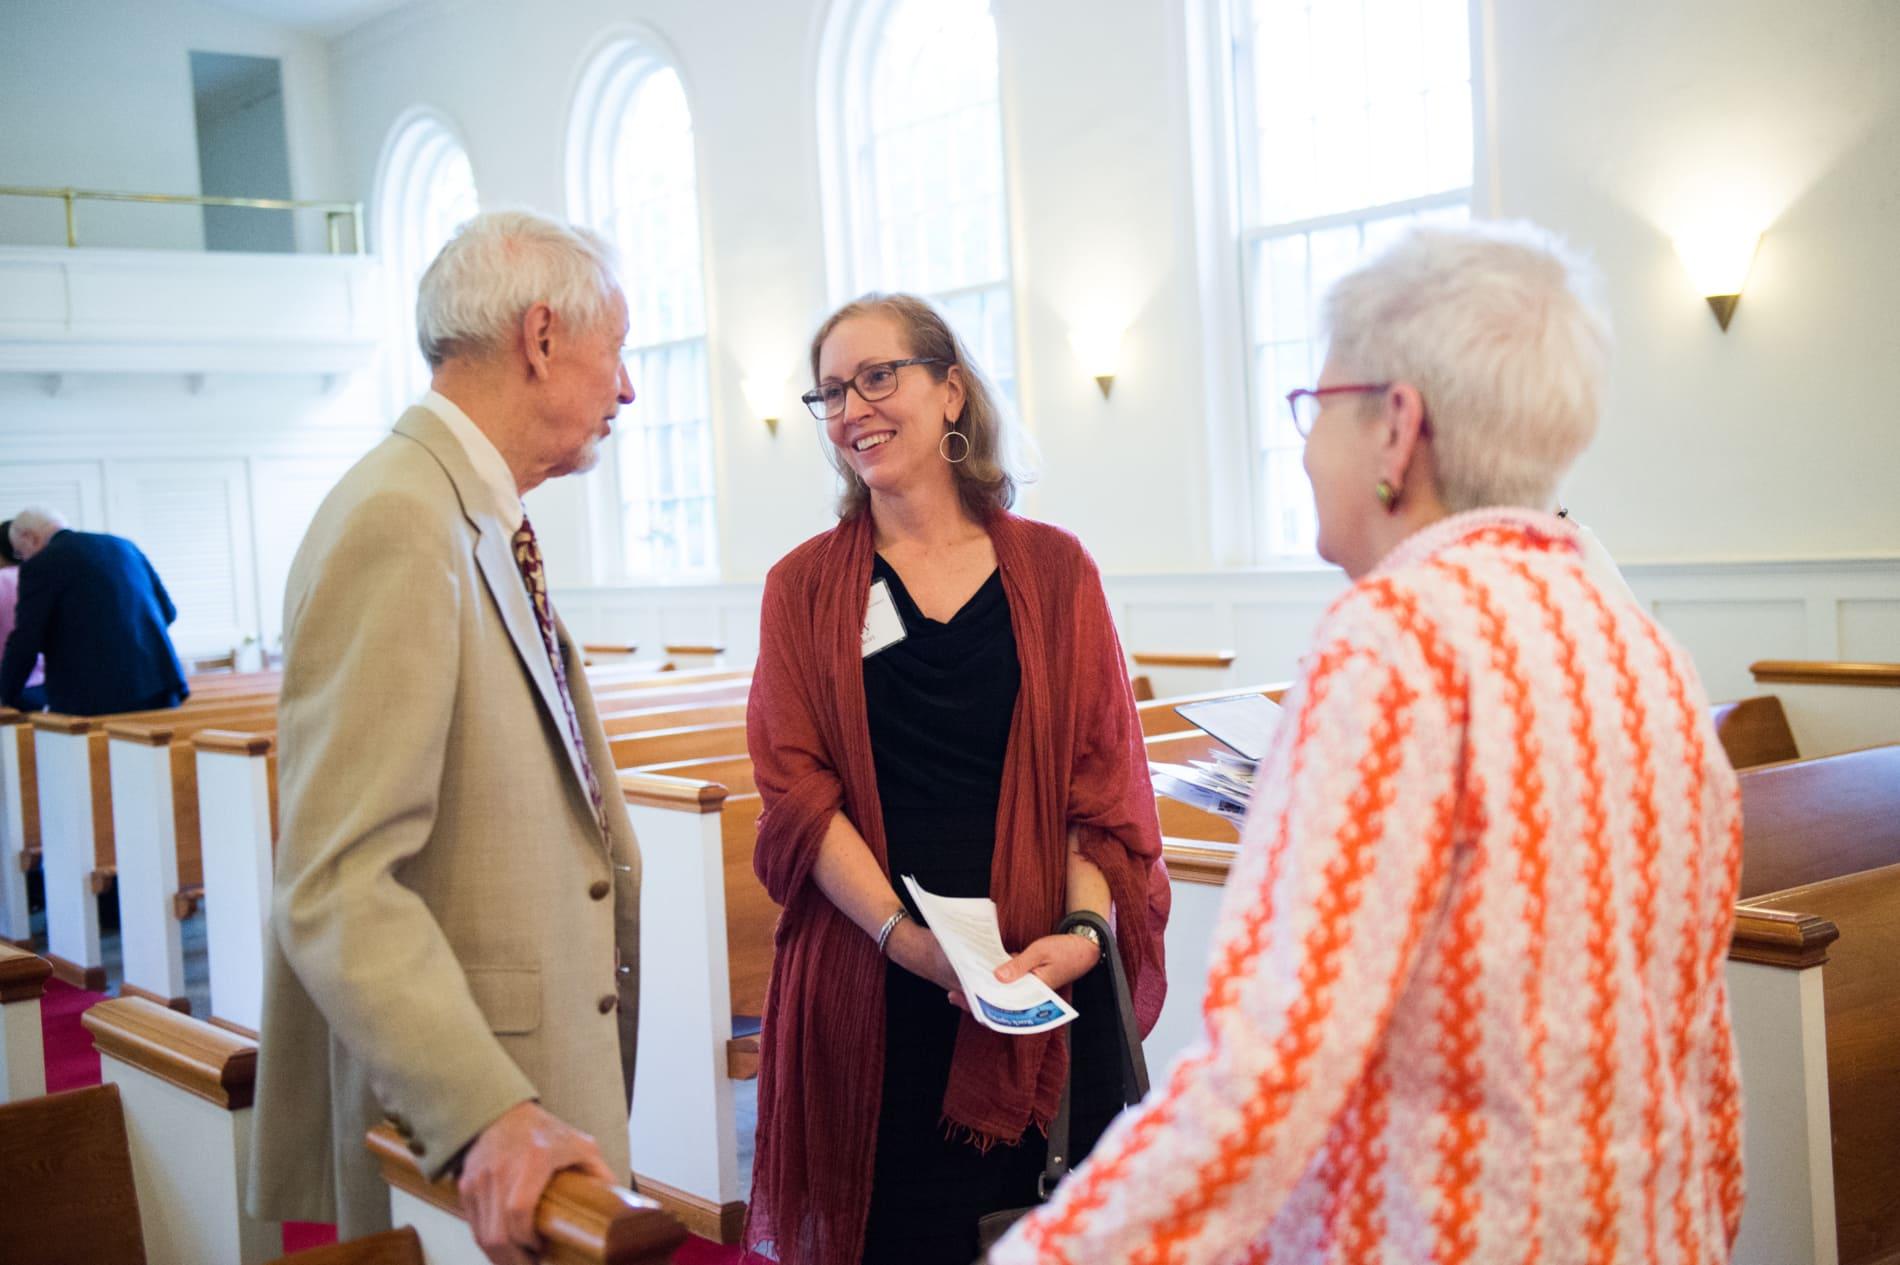 Three adults talking in church